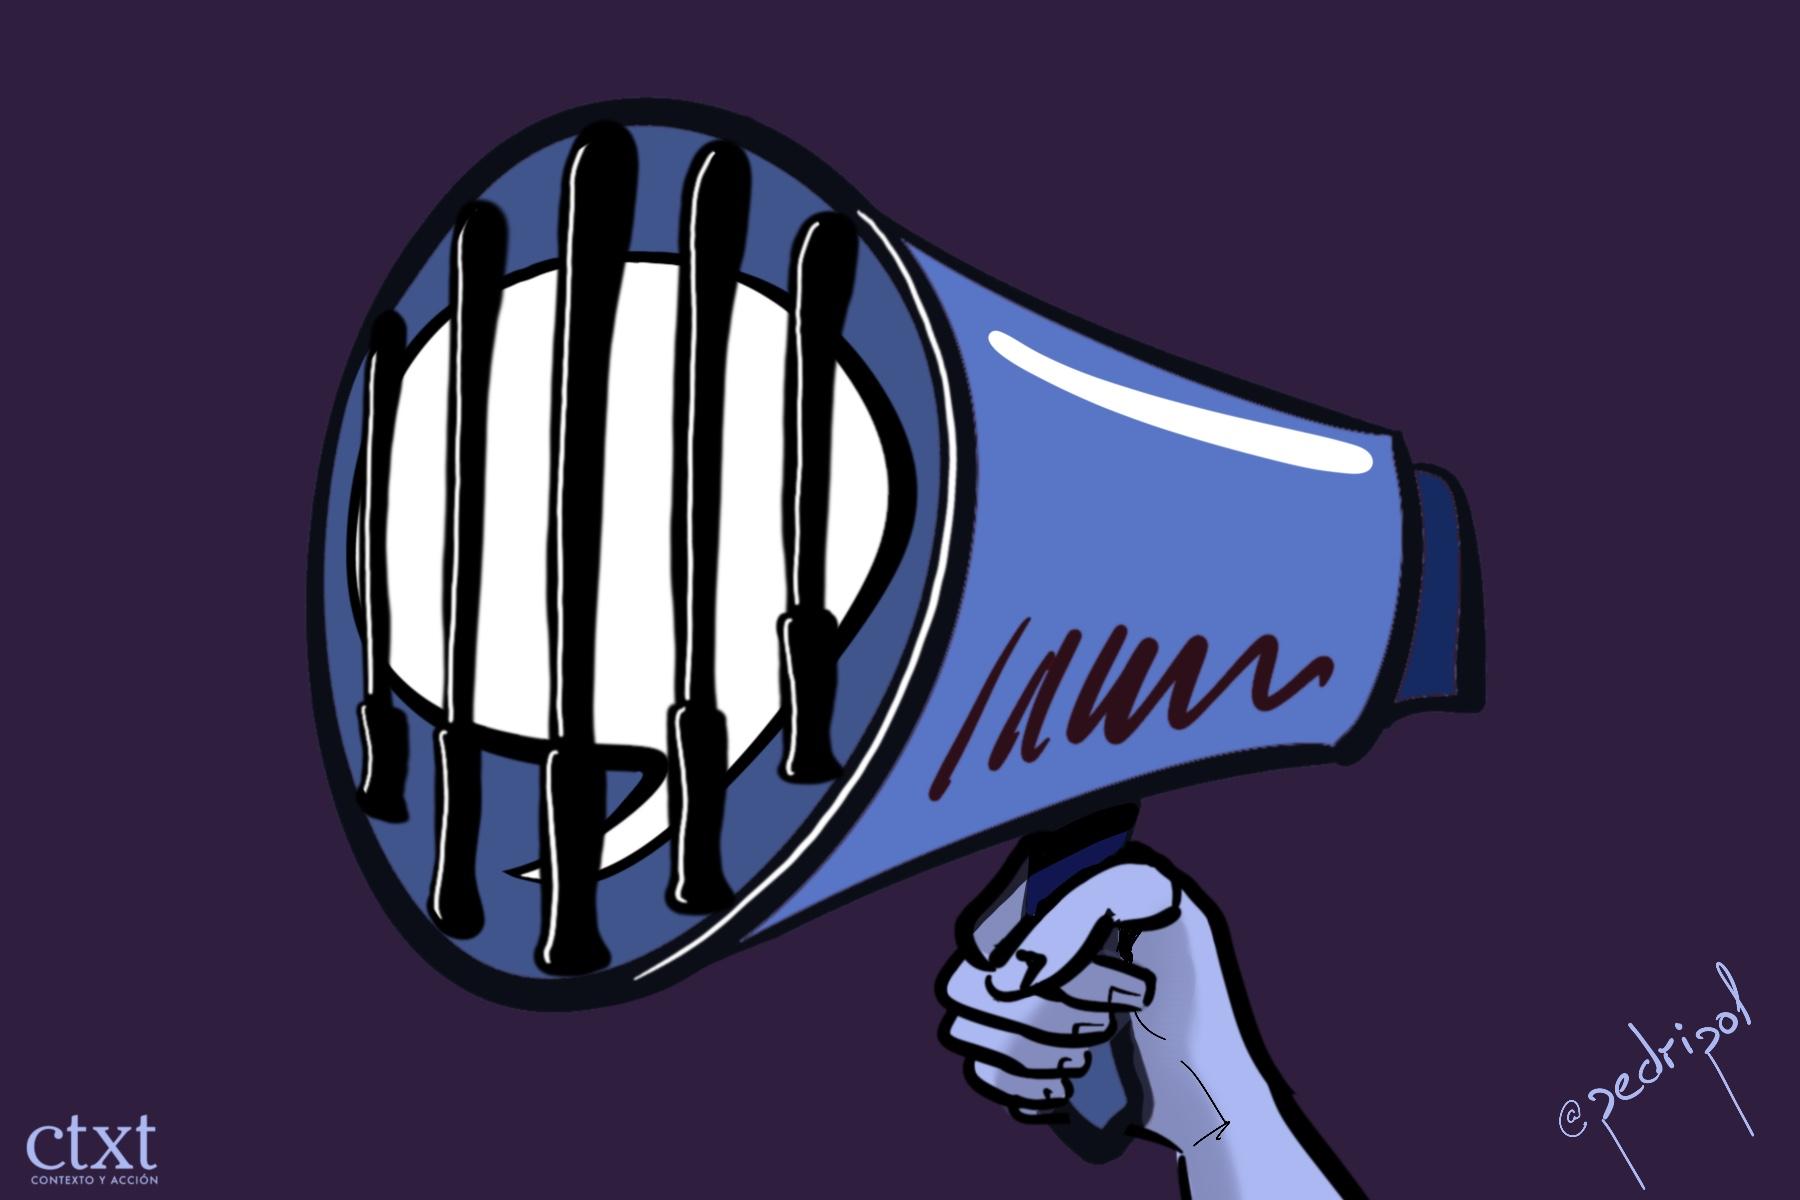 <p>Libertad de expresión, represión</p>